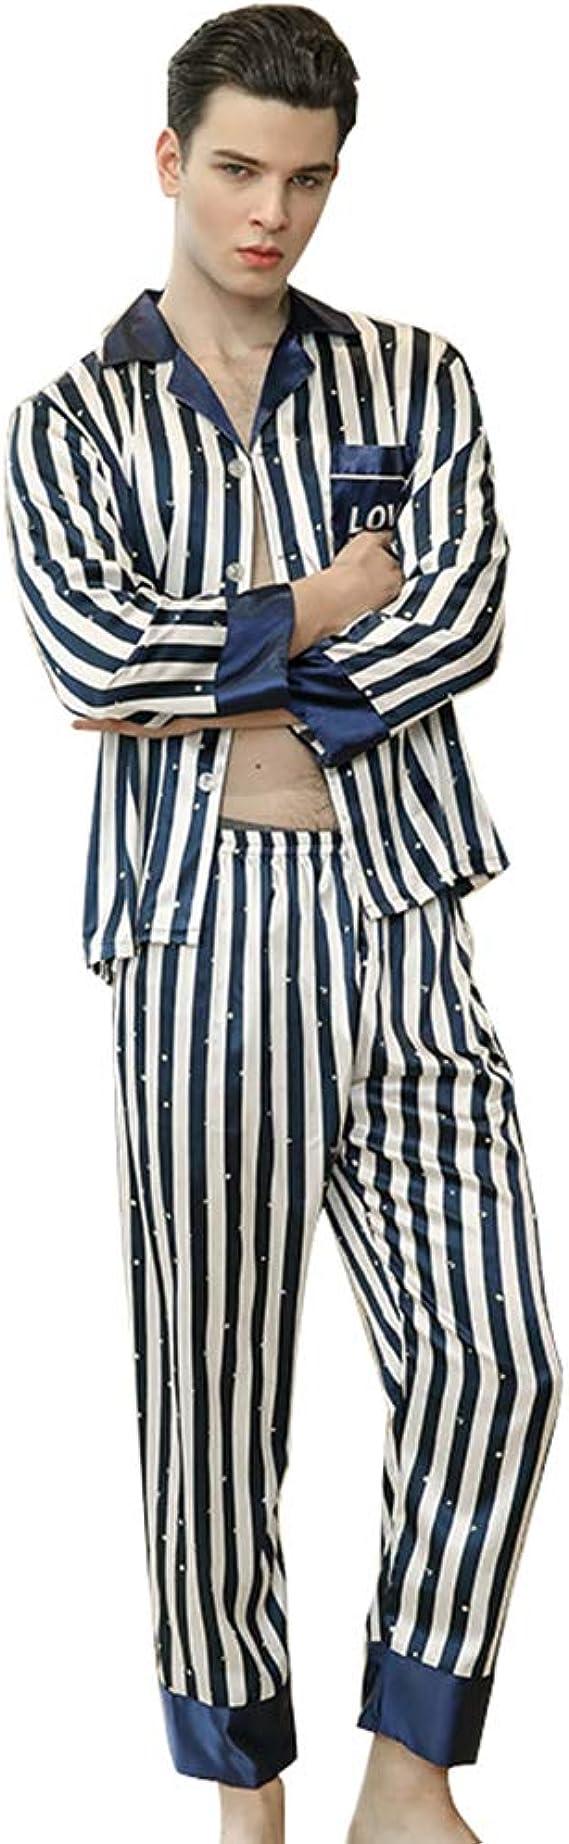 WanYangg Hombre Conjunto De Pijama De Satén Elegante De Mangas Largas para Masculinas Dos Piezas Botones Pijama De Estampado A Rayas Homewear Batas De ...